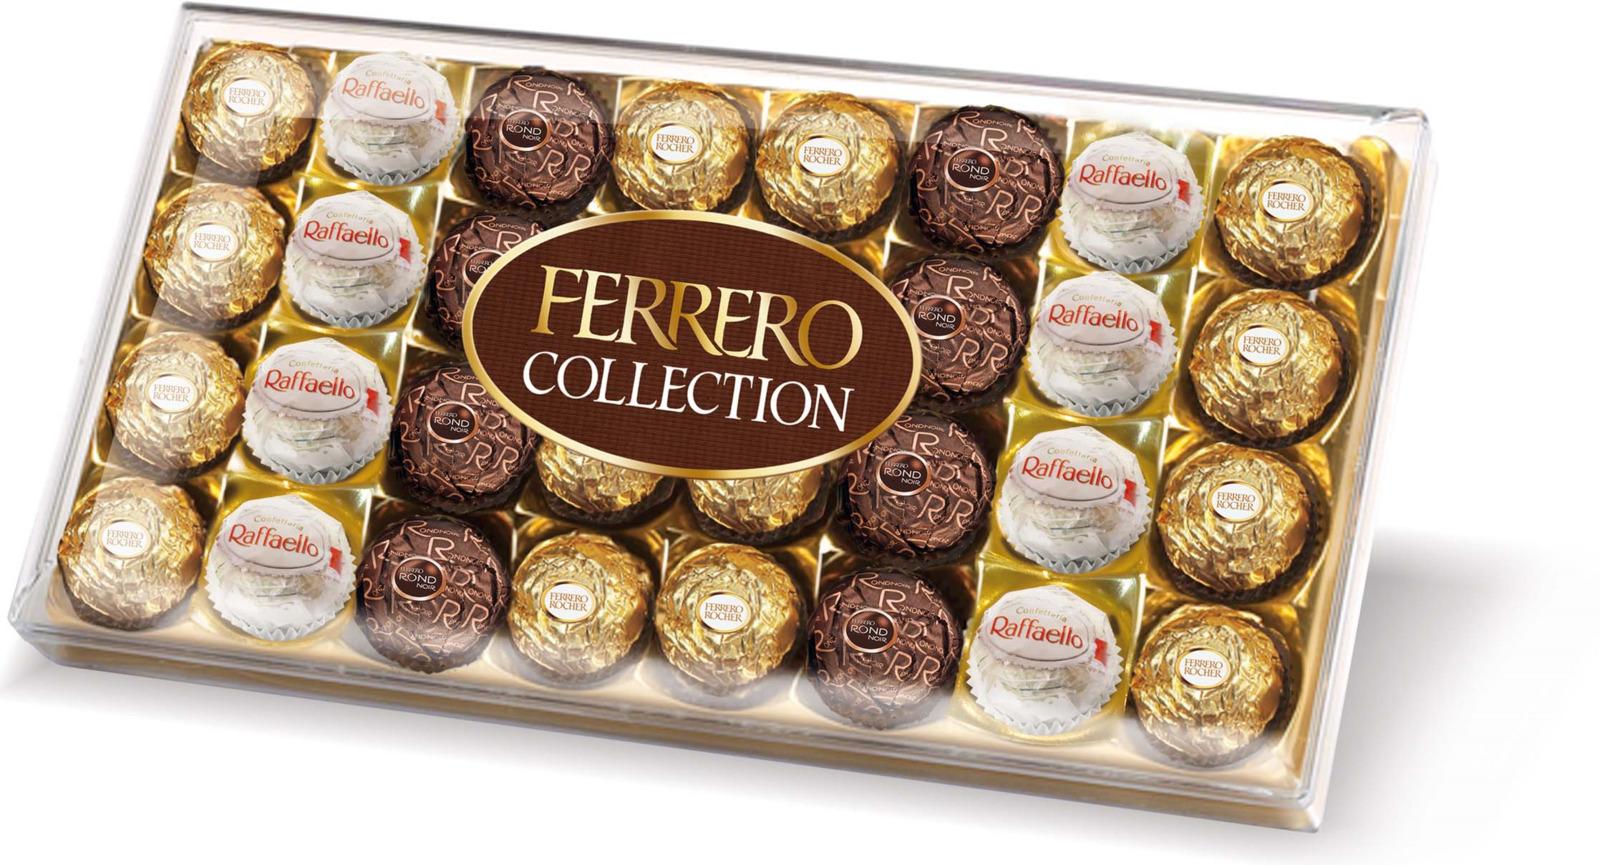 Фото - Ferrero Collection набор конфет: Raffaello, Ferrero Rocher, Ferrero Rondnoir, 360 г ferrero prestige набор конфет mon cheri ferrero rocher pocket coffee espresso 246 г